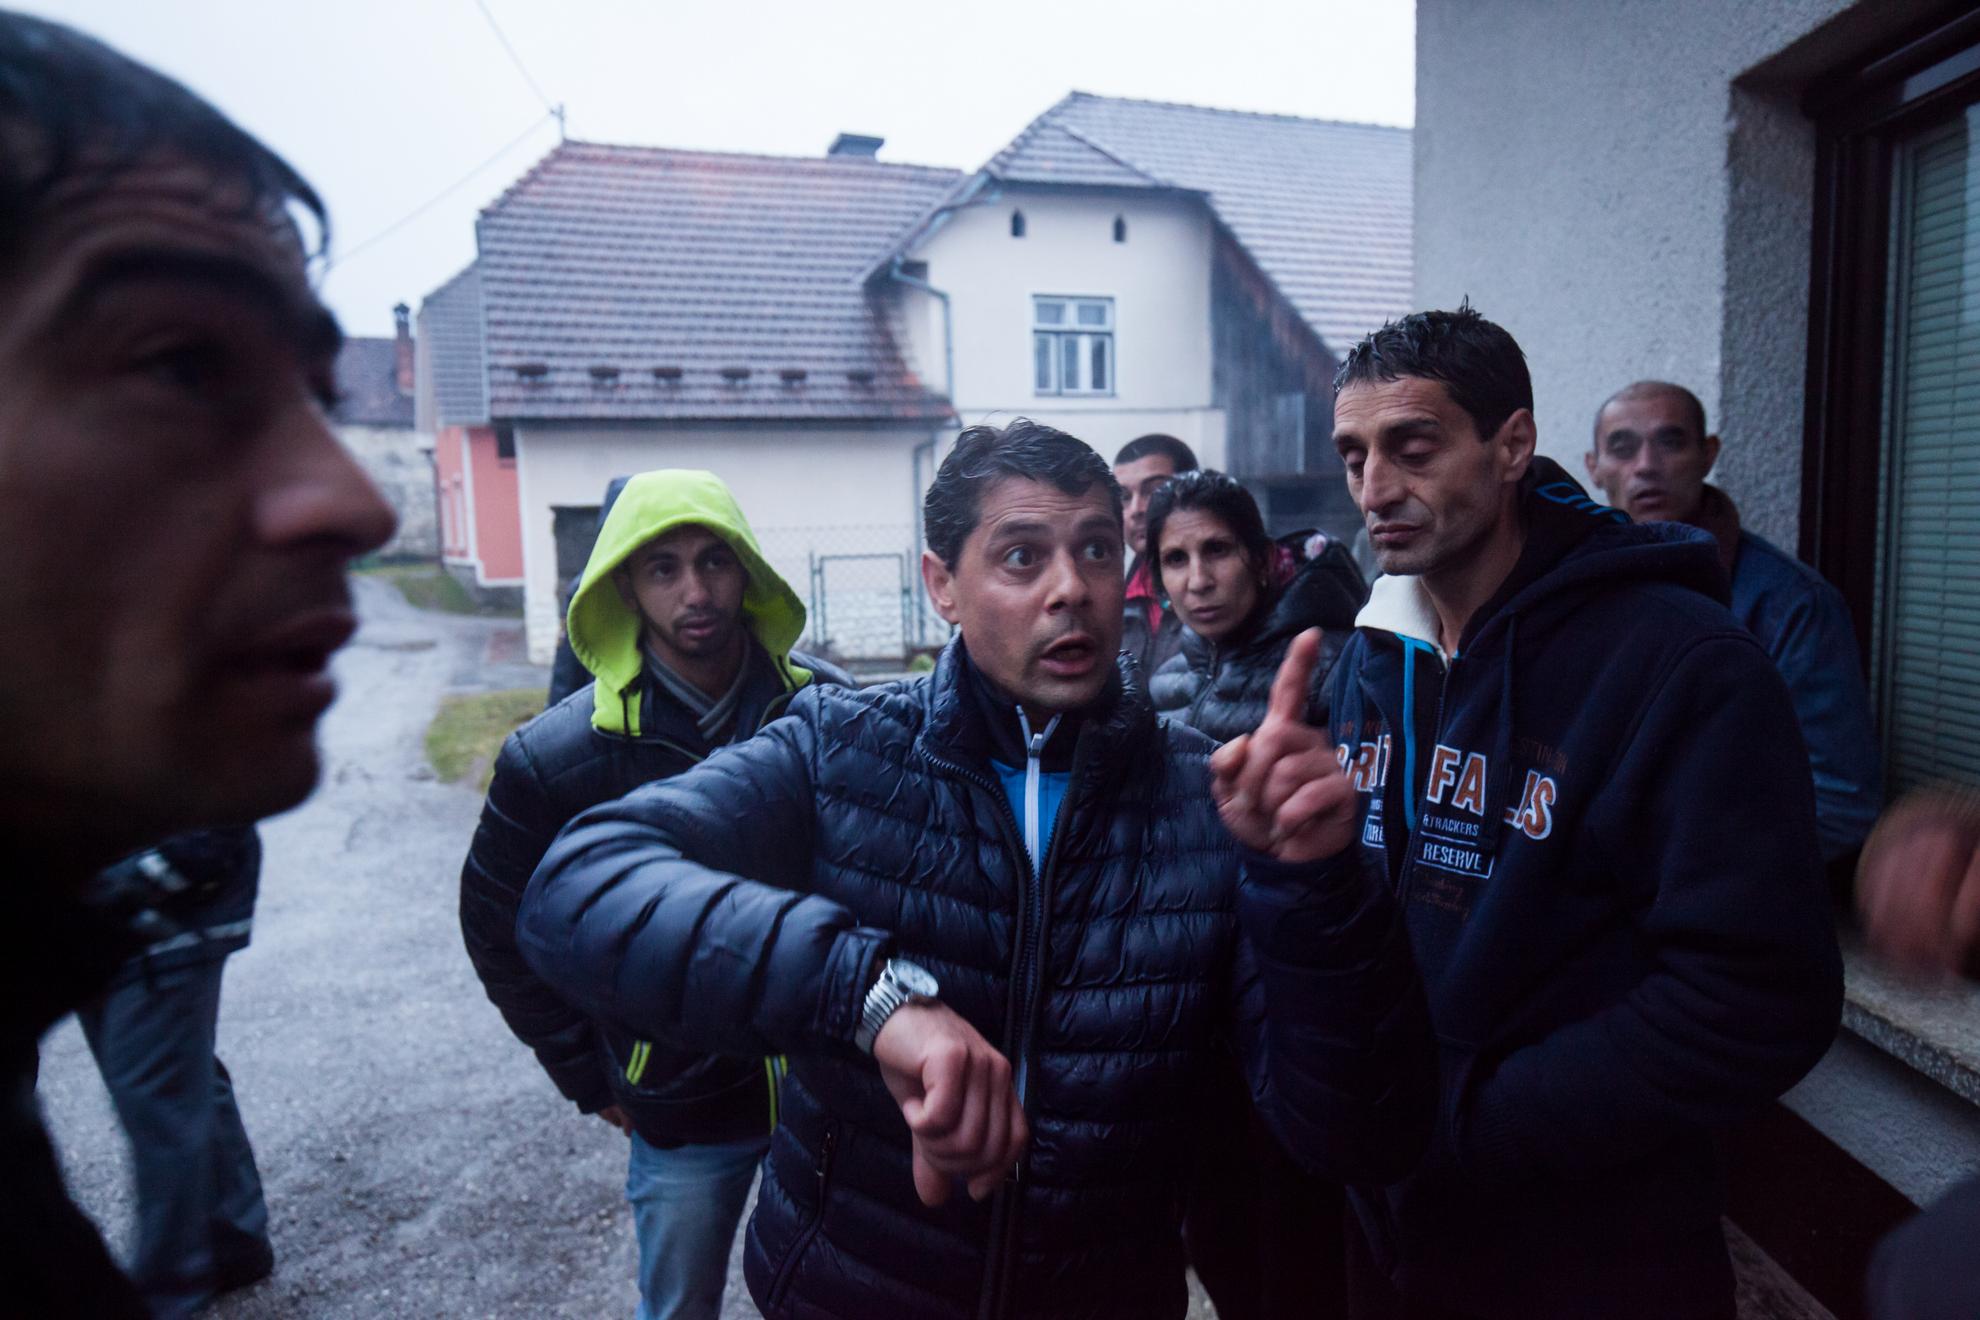 21. 03. 2016 Lož. Migrantski delavci v lesarstvu iz podružnice Marof trade naj že dva meseca ne bi dobili plače. Delavci pred hišo nadrejenega kamor naj bi jih povabil po telenu. Tam so hoteli prejeti dolgovan denar, a naj bi bil le ta še v Velenju.